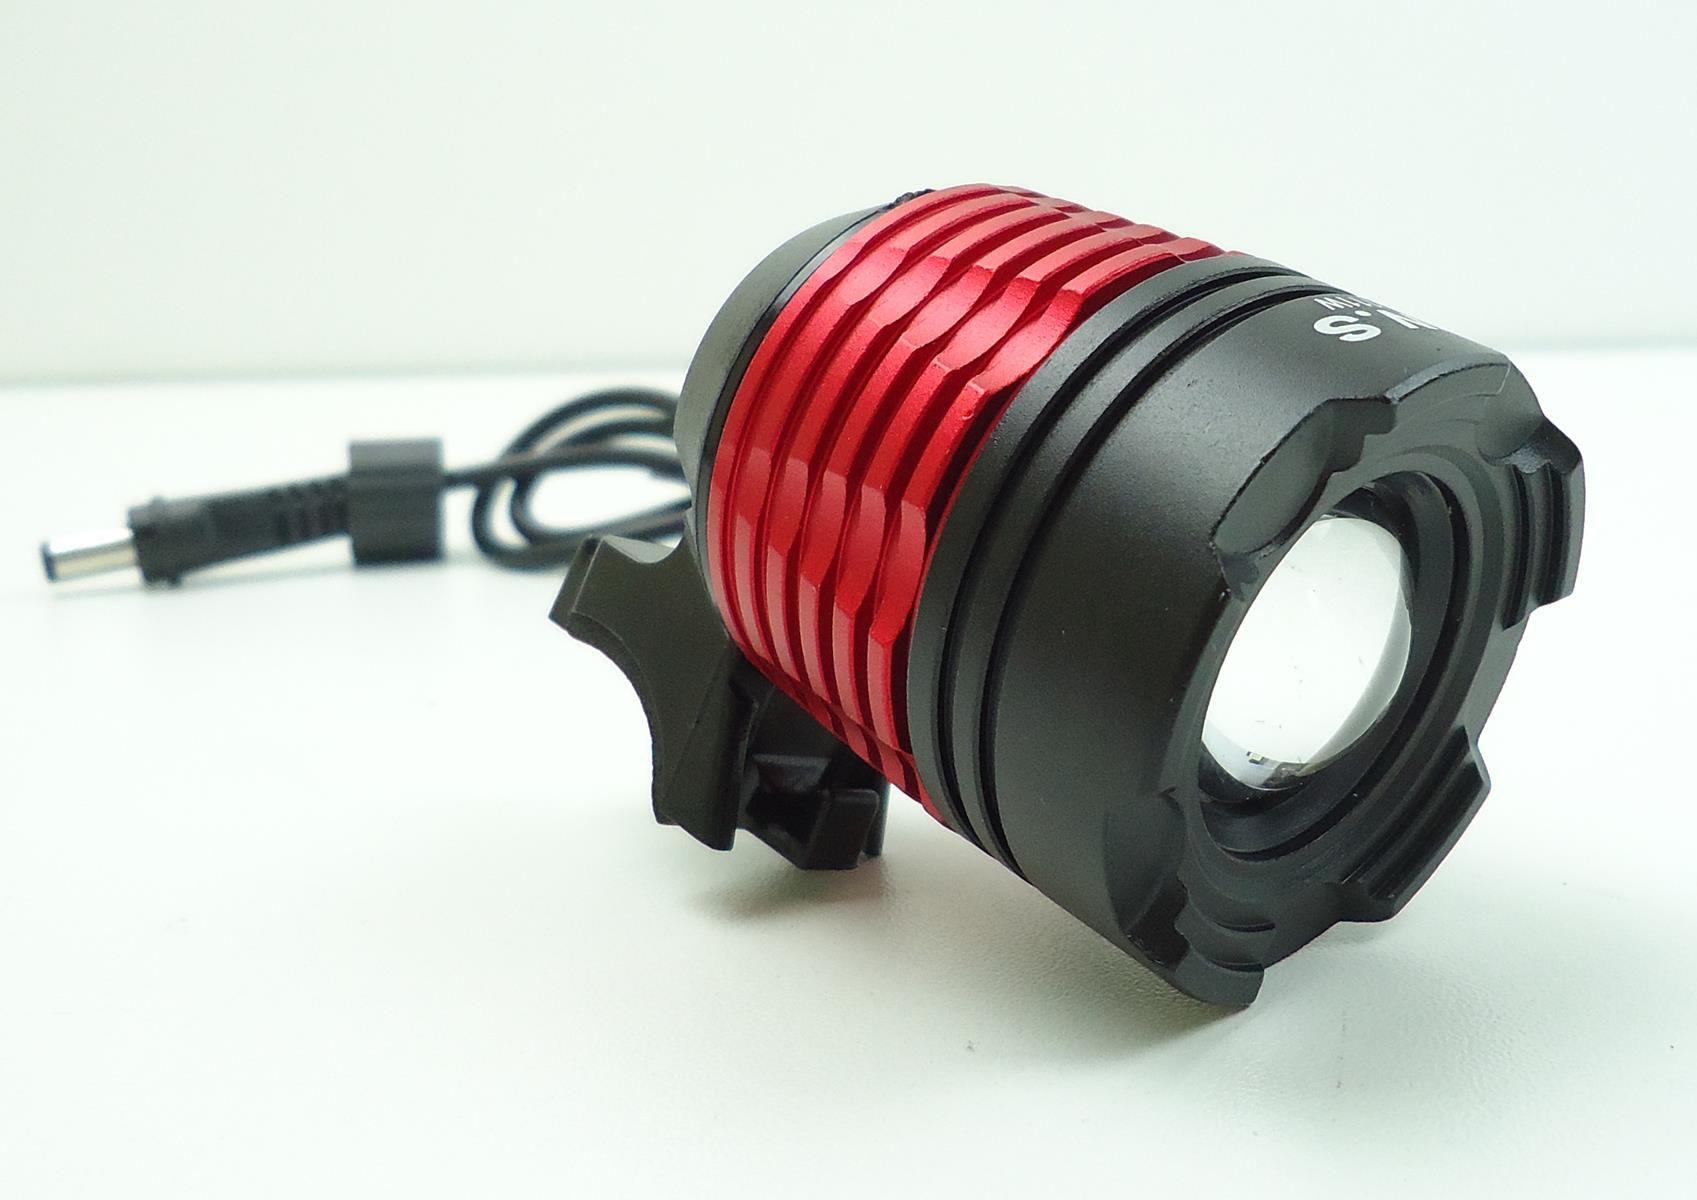 Farol para Bicicletas JWS WS-111W com Super Led Cree T6 Bateria Recarregável de 6 células Zoom e Foco Ajustável